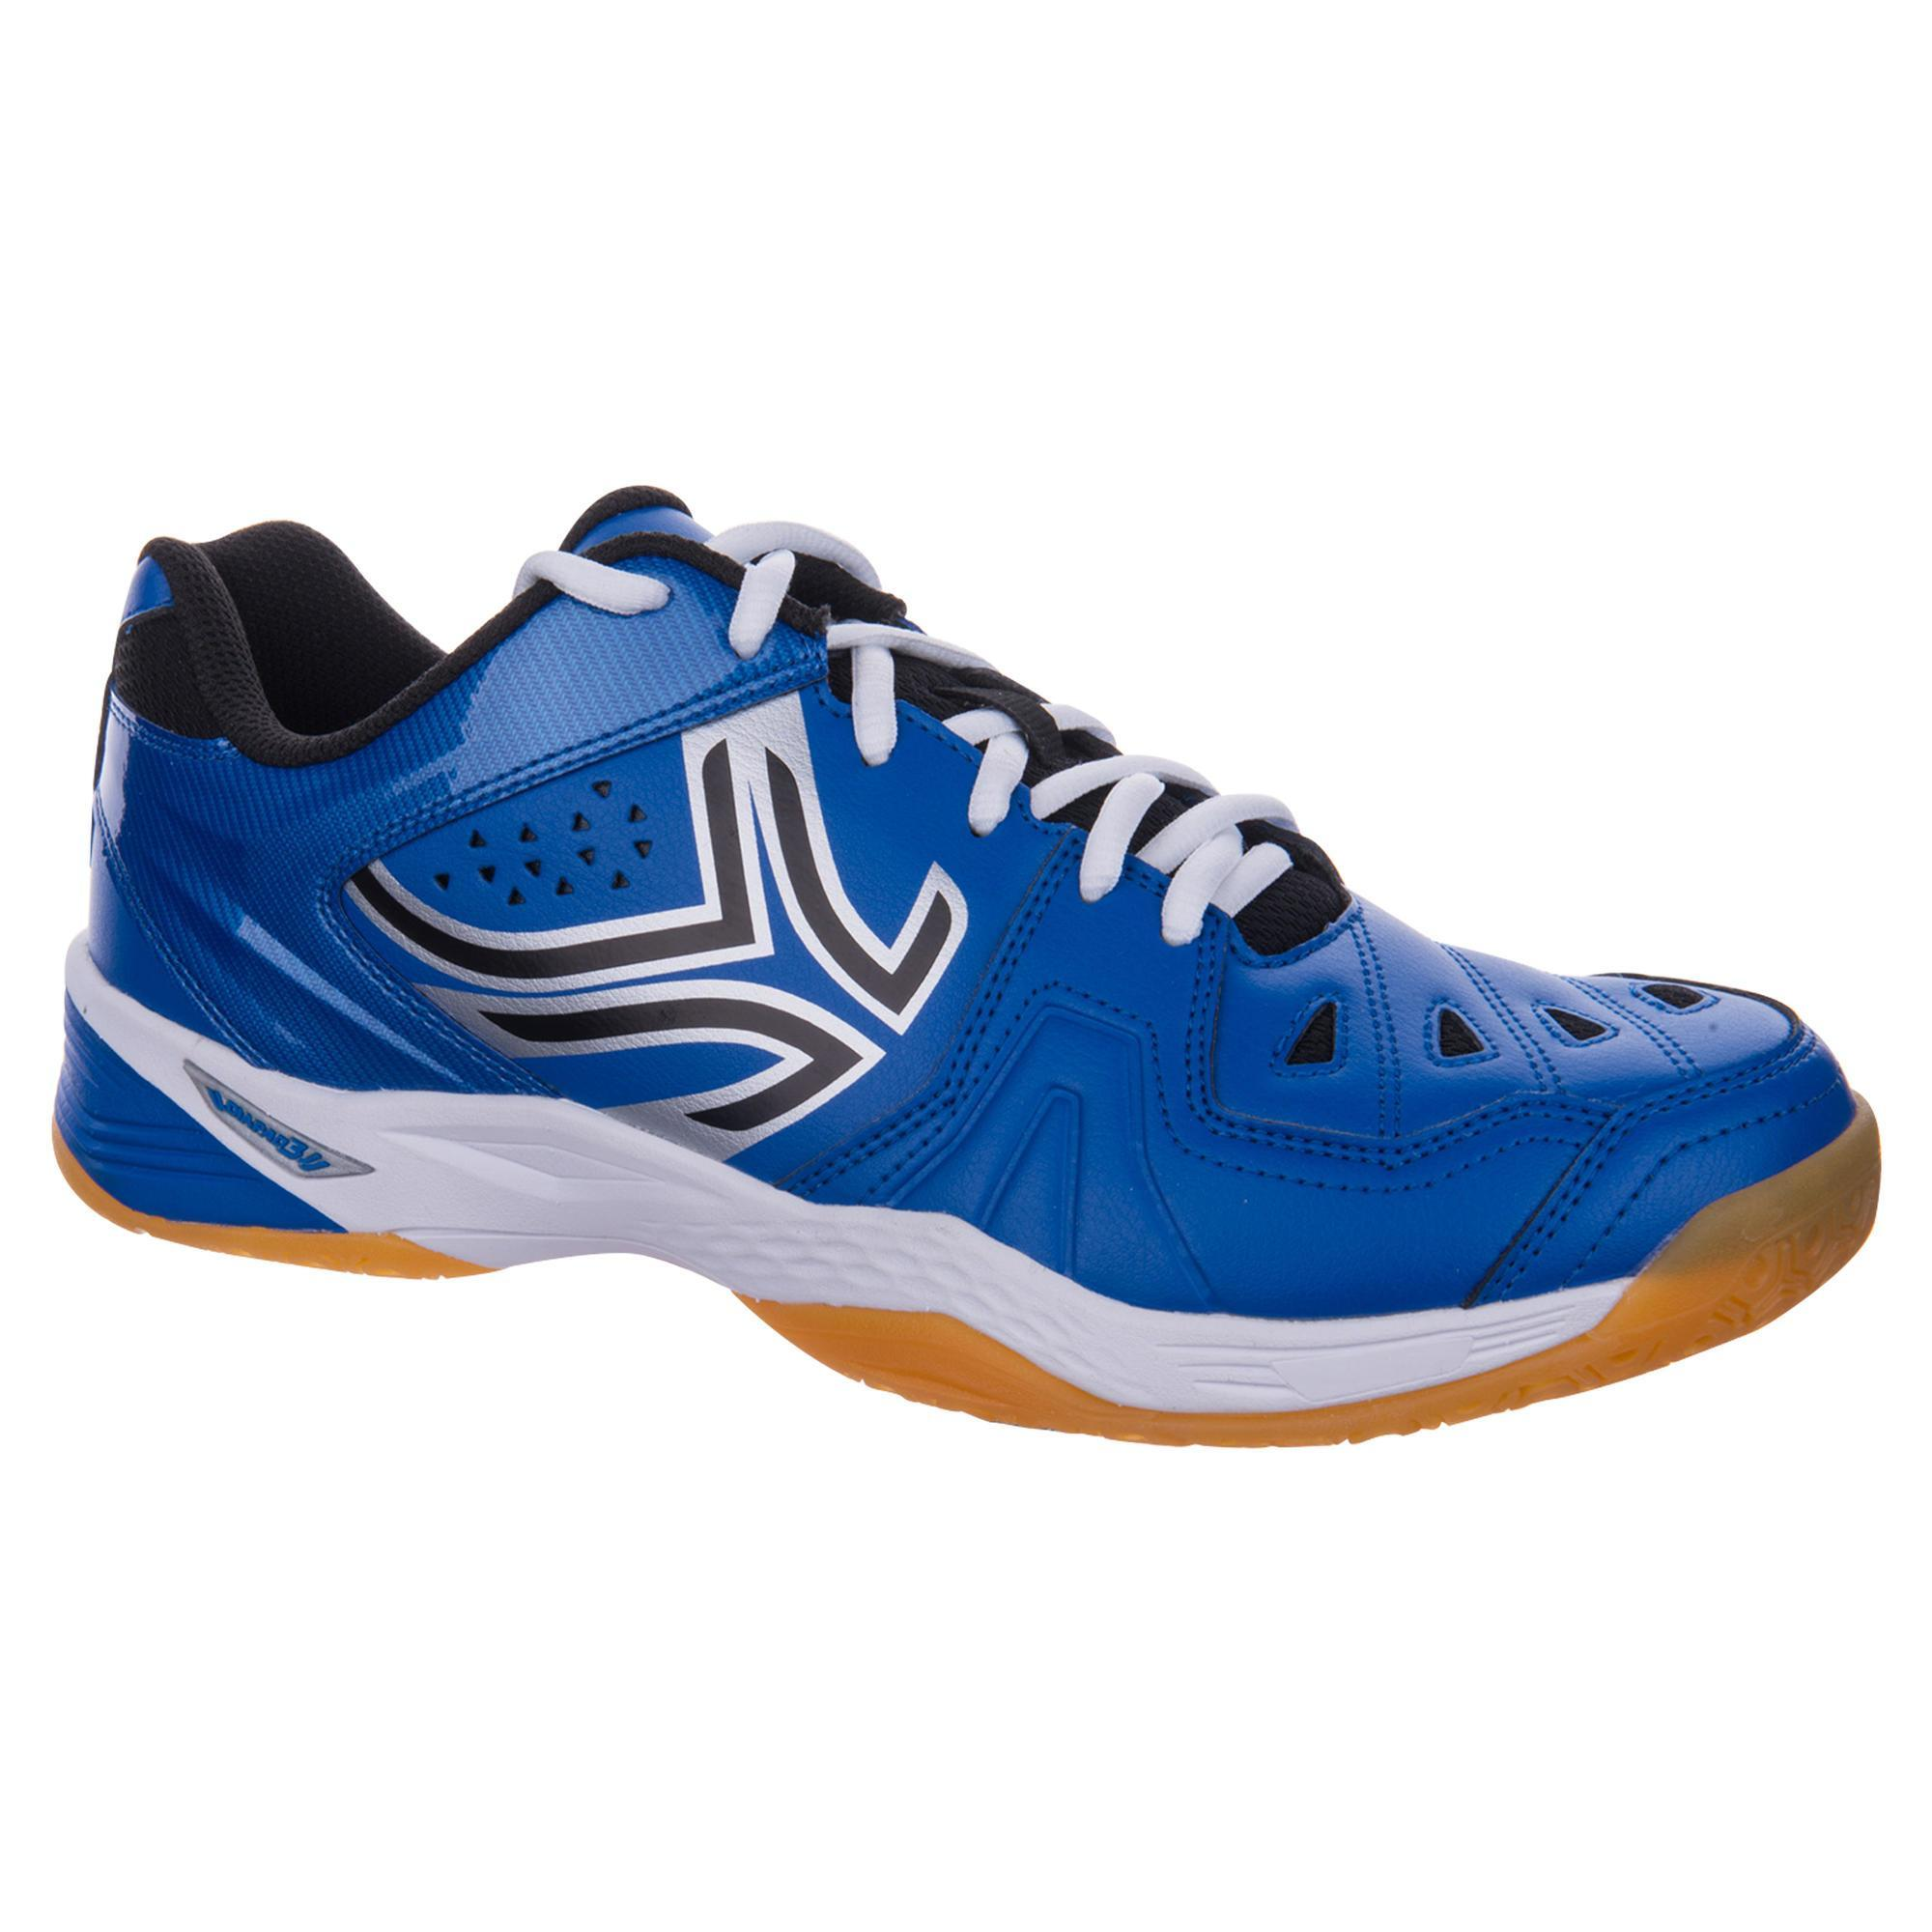 Artengo Badmintonschoenen BS800 - blauw/zwart